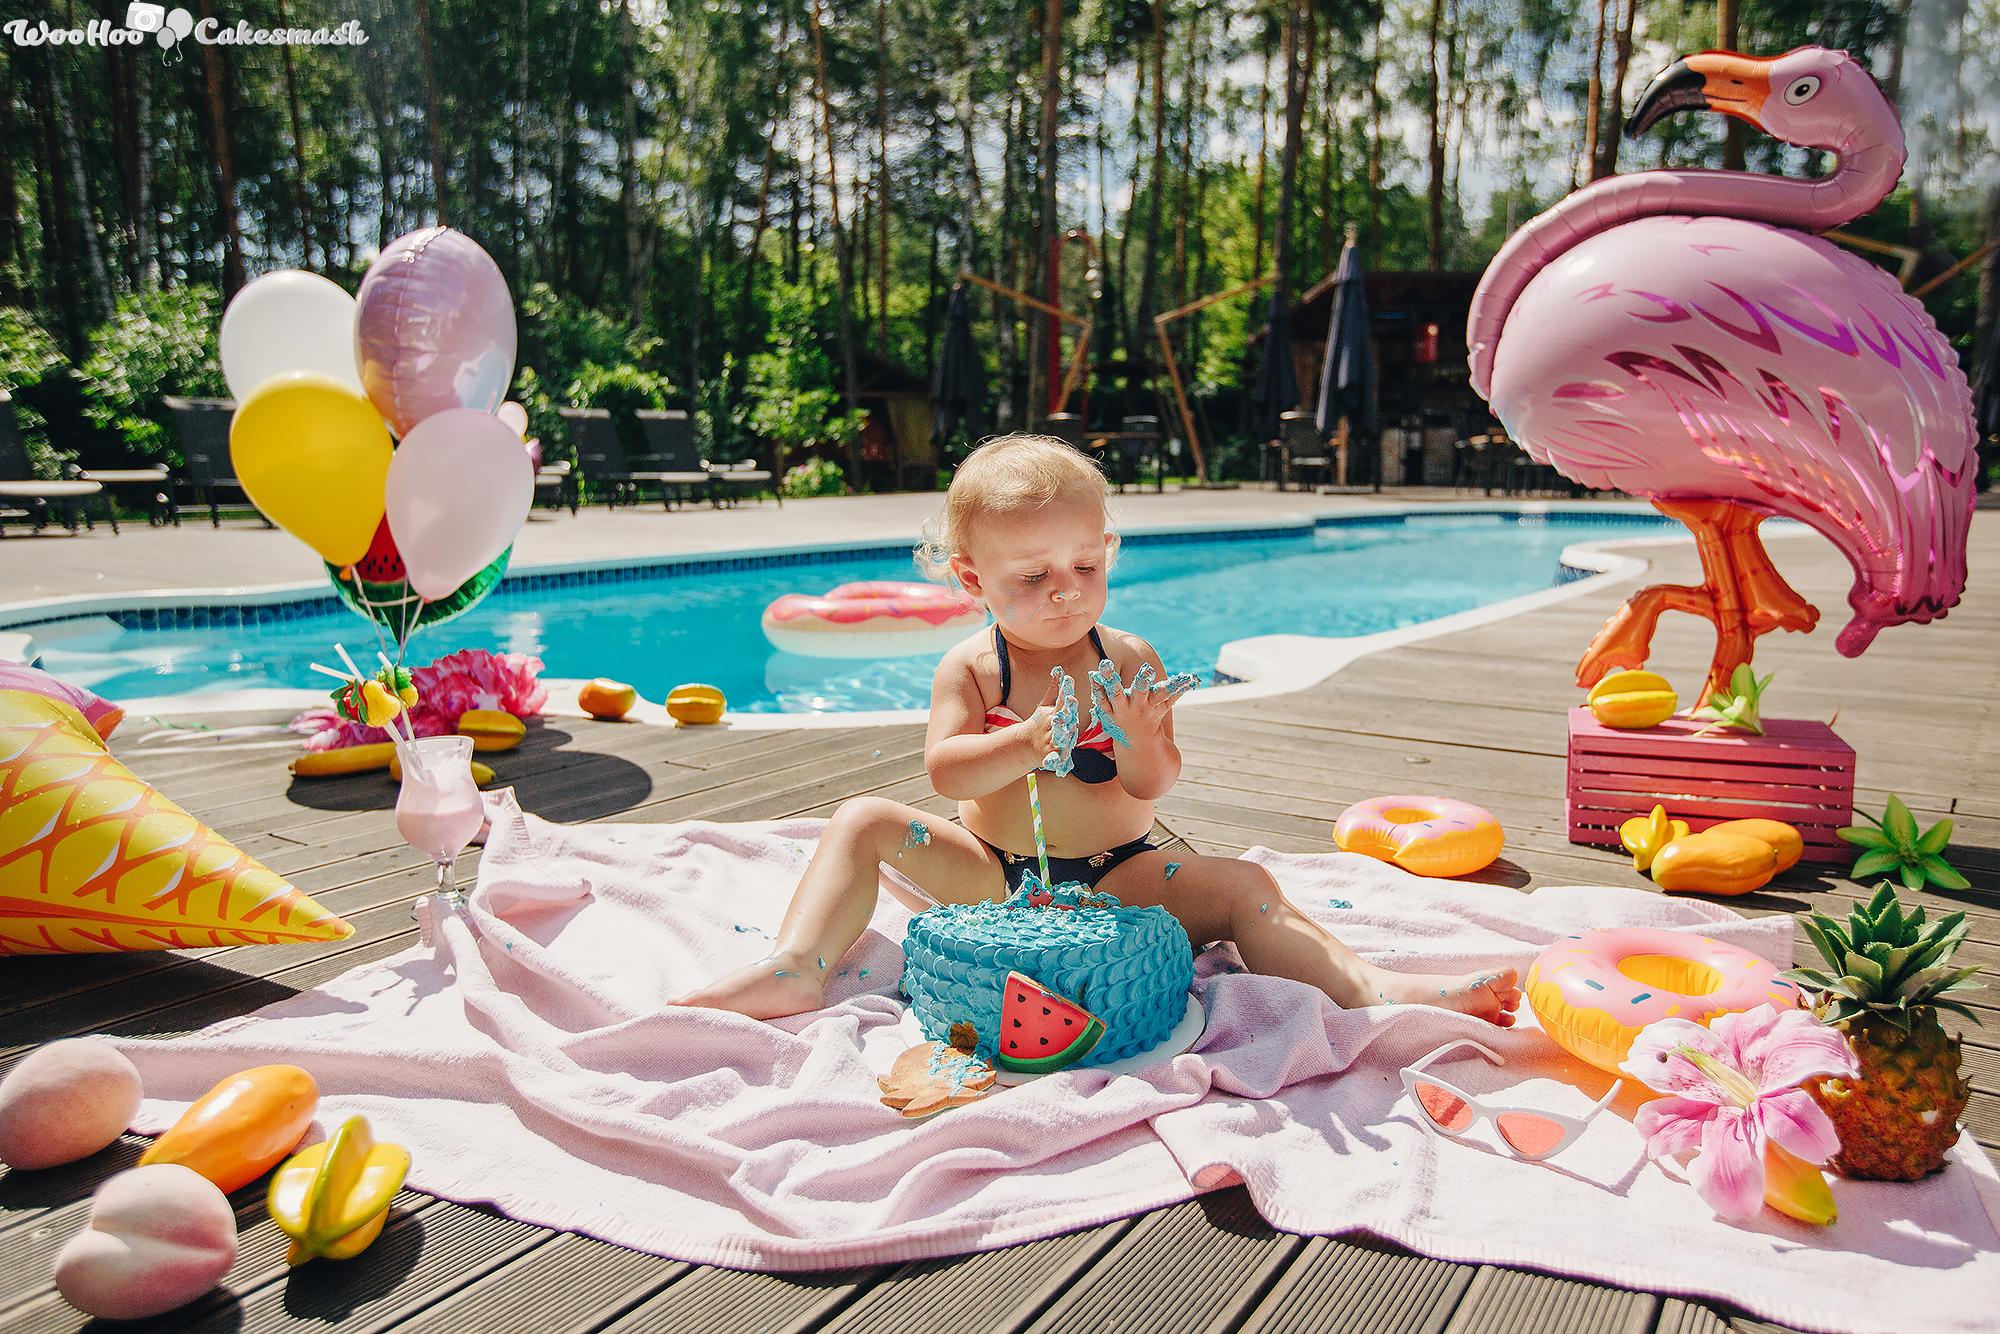 woohoo_cakesmash_Marusya_pool_party_6